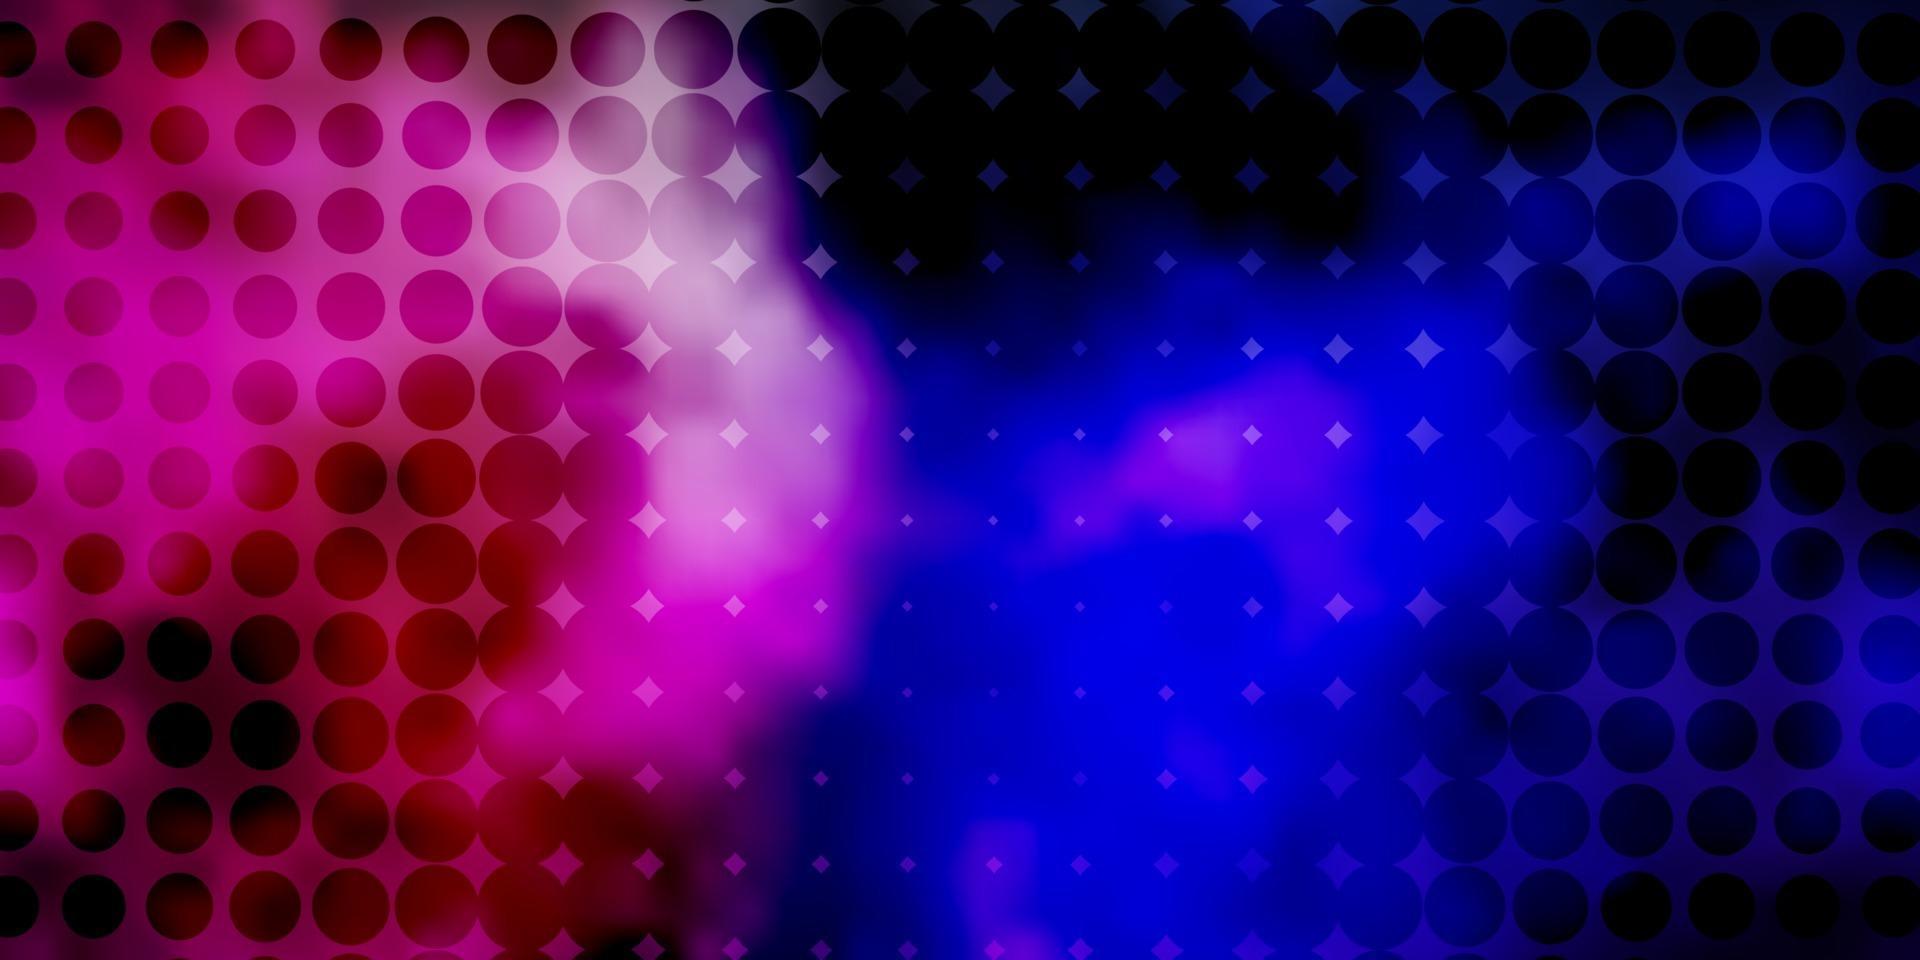 mörkrosa, grön vektorlayout med cirklar. vektor